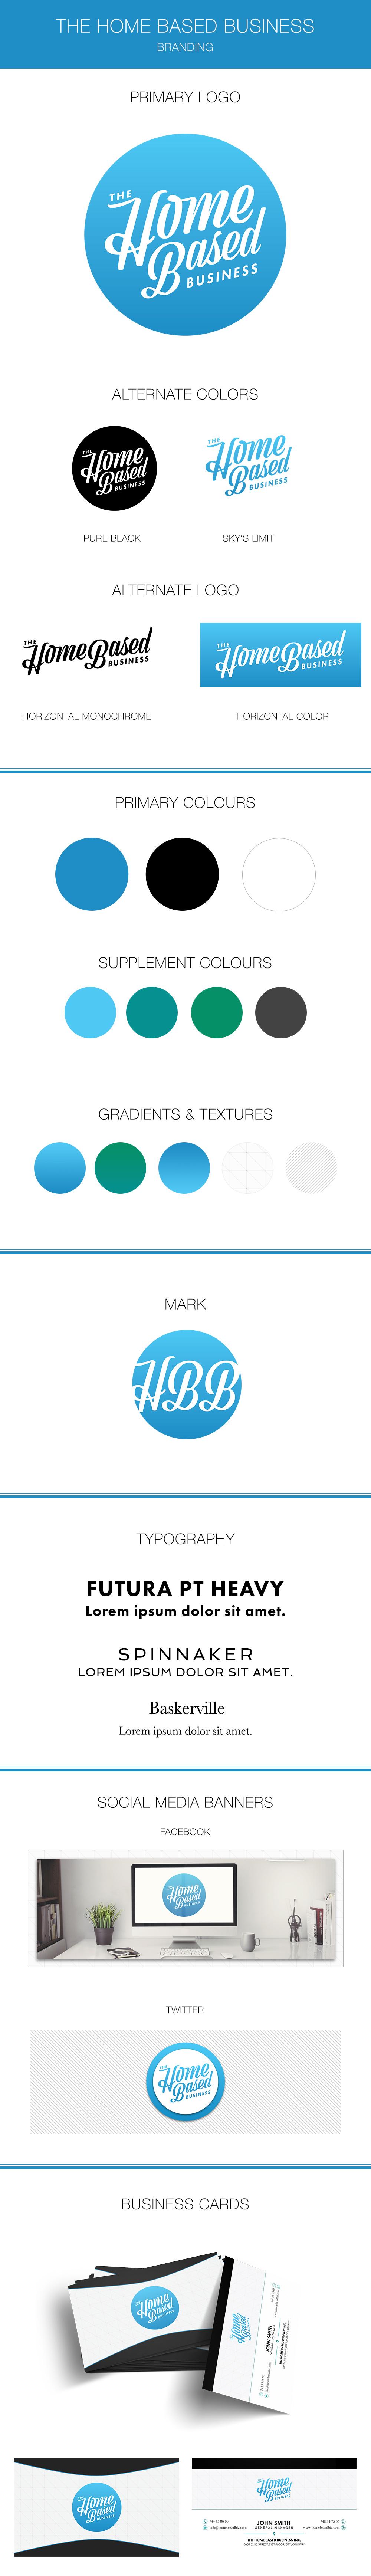 HomeBasedBusiness_BrandingBoard.jpg